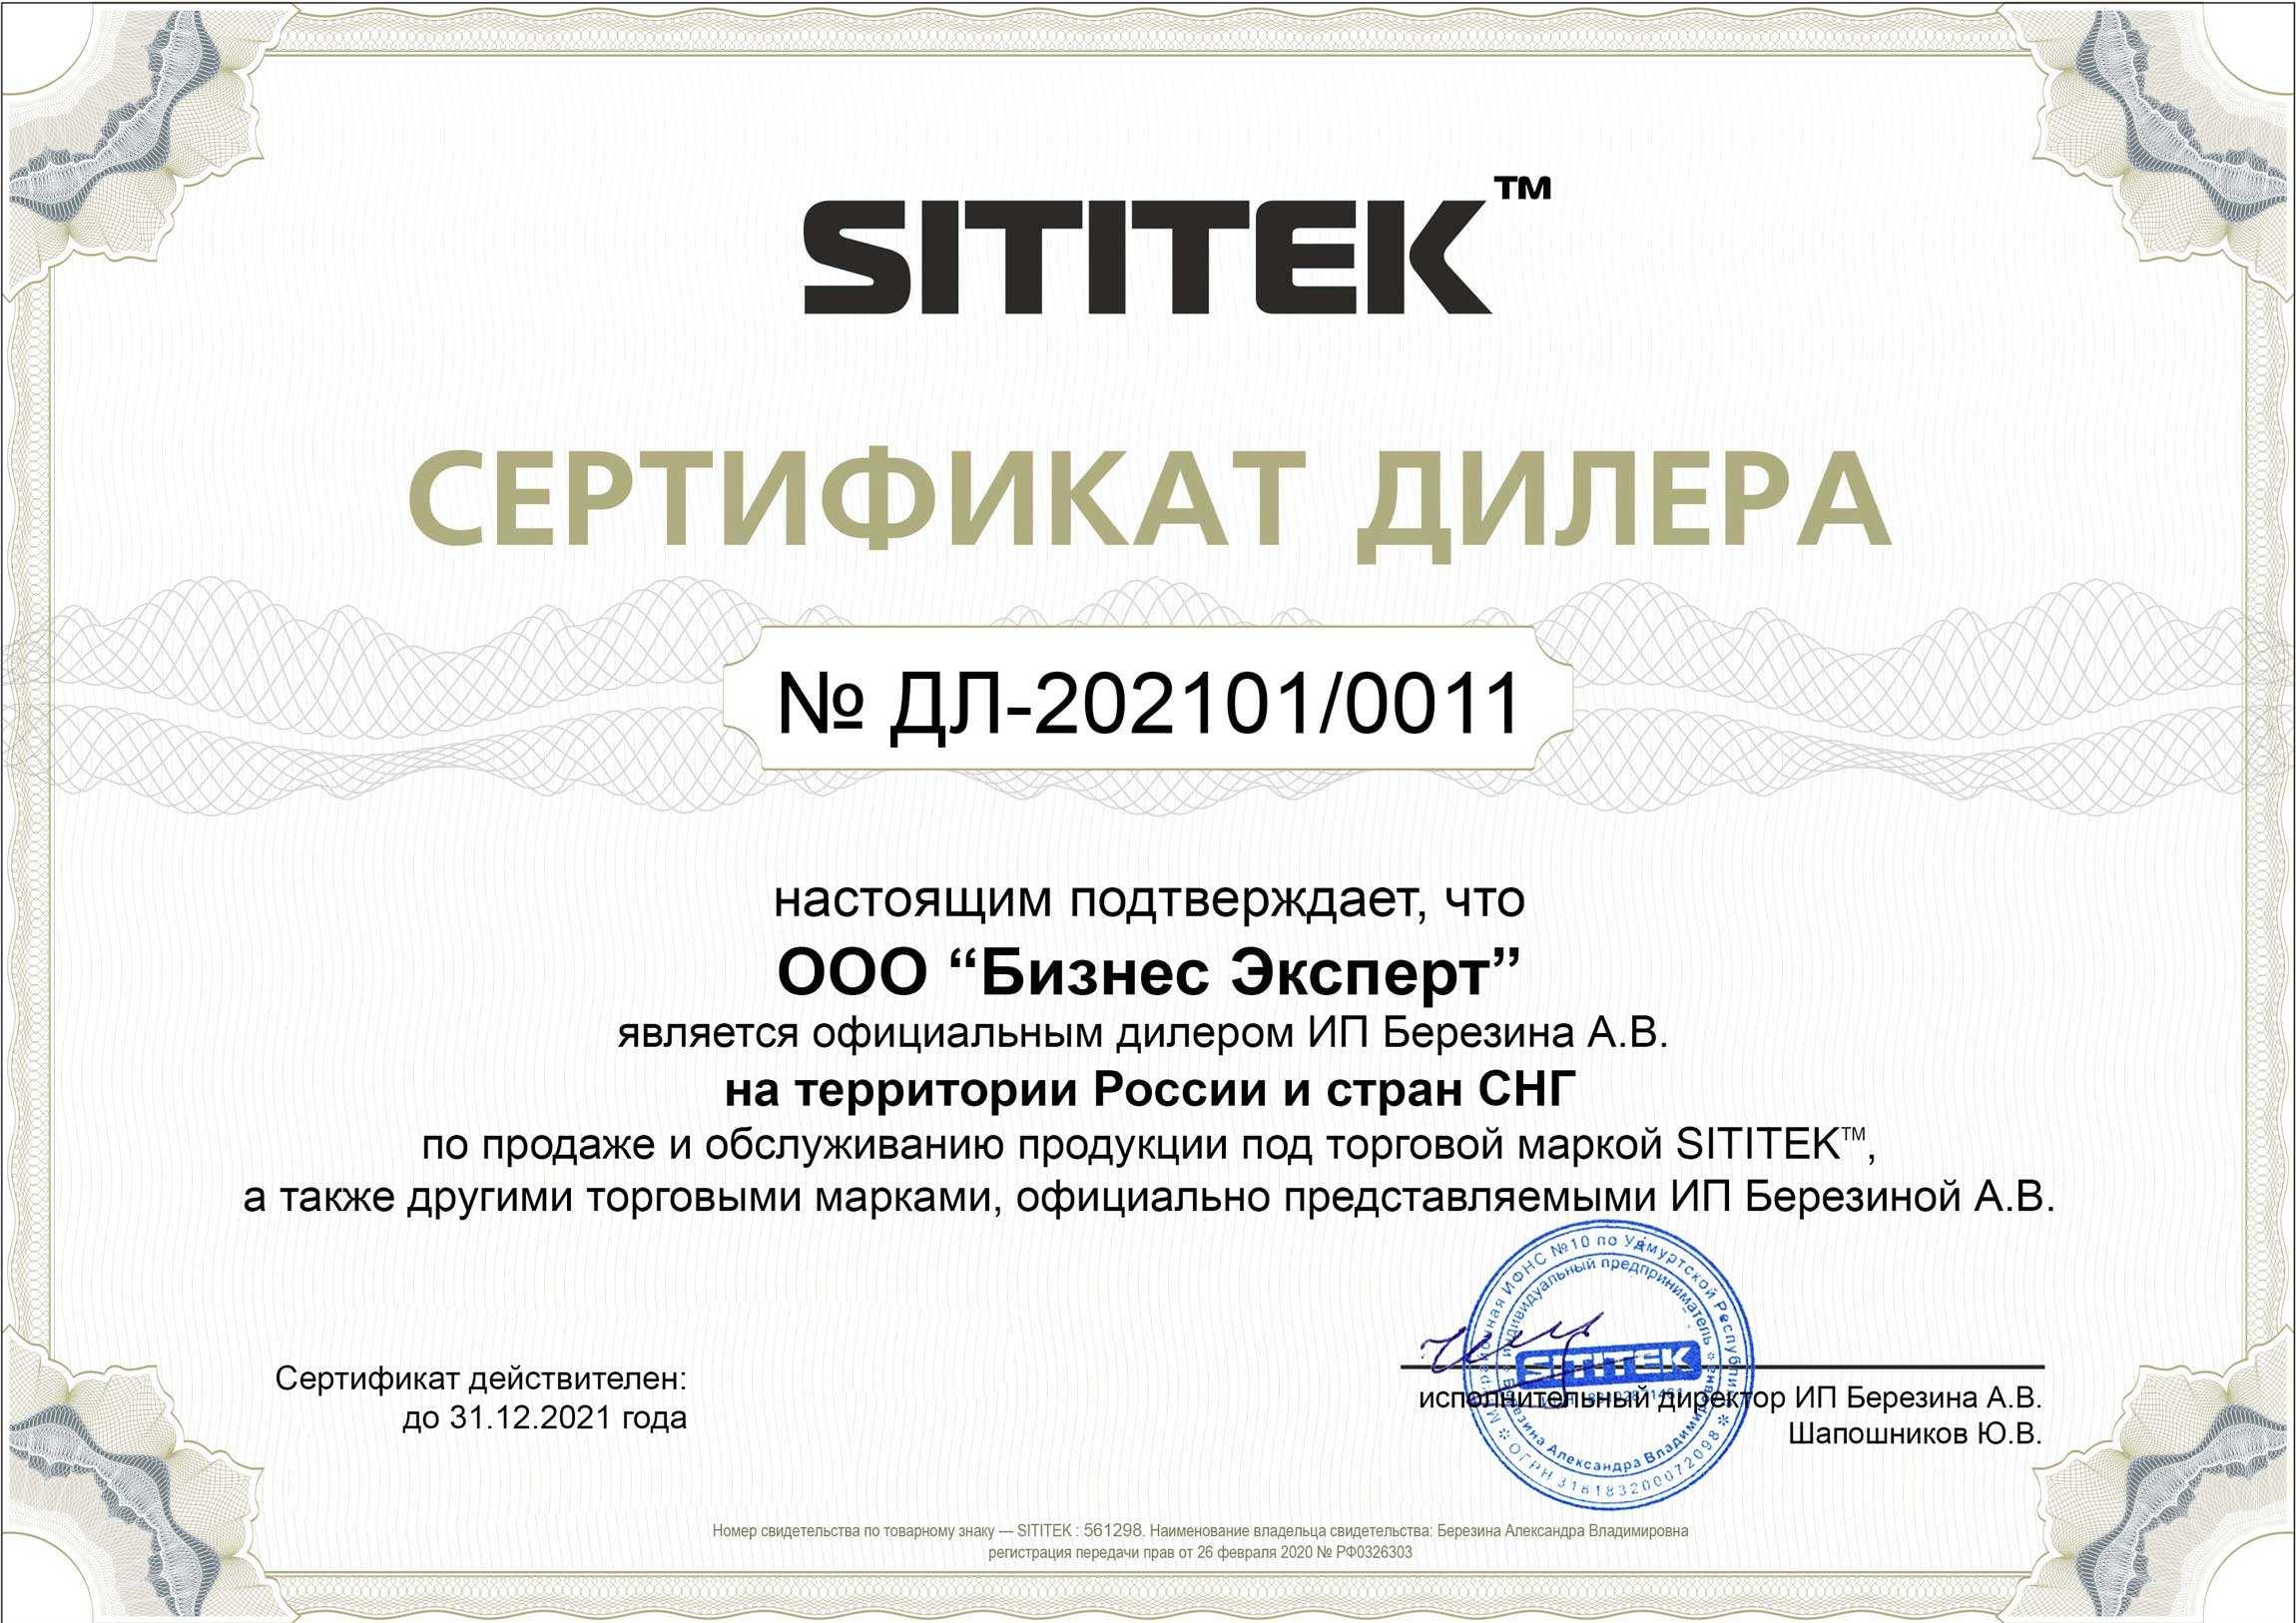 Наш магазин имеет сертификат дилера, поэтому покупая изделия СИТИТЕК у нас, вы обезопасите себя от подделок